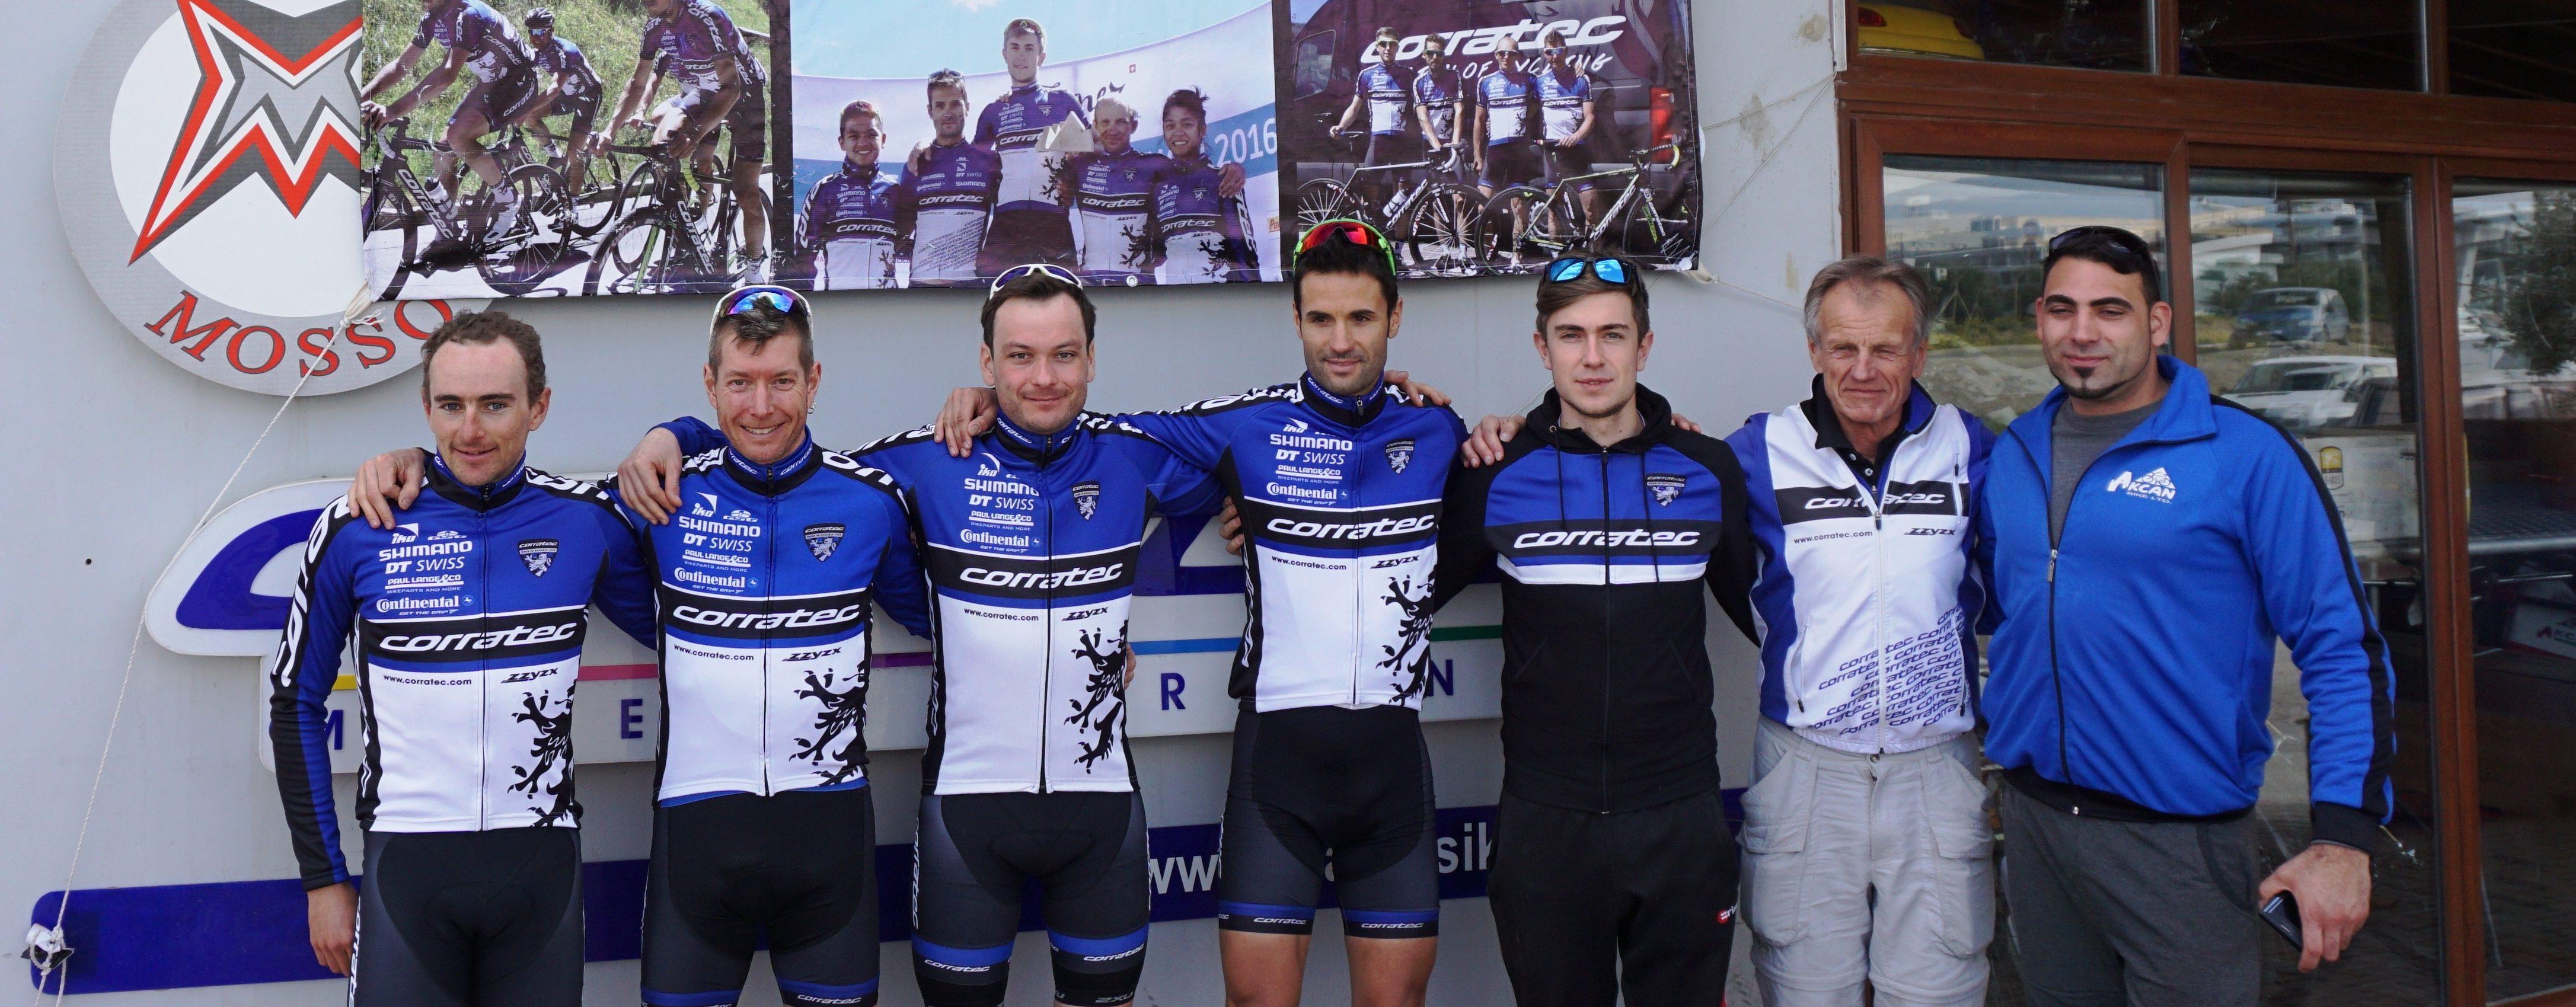 Team Corratec